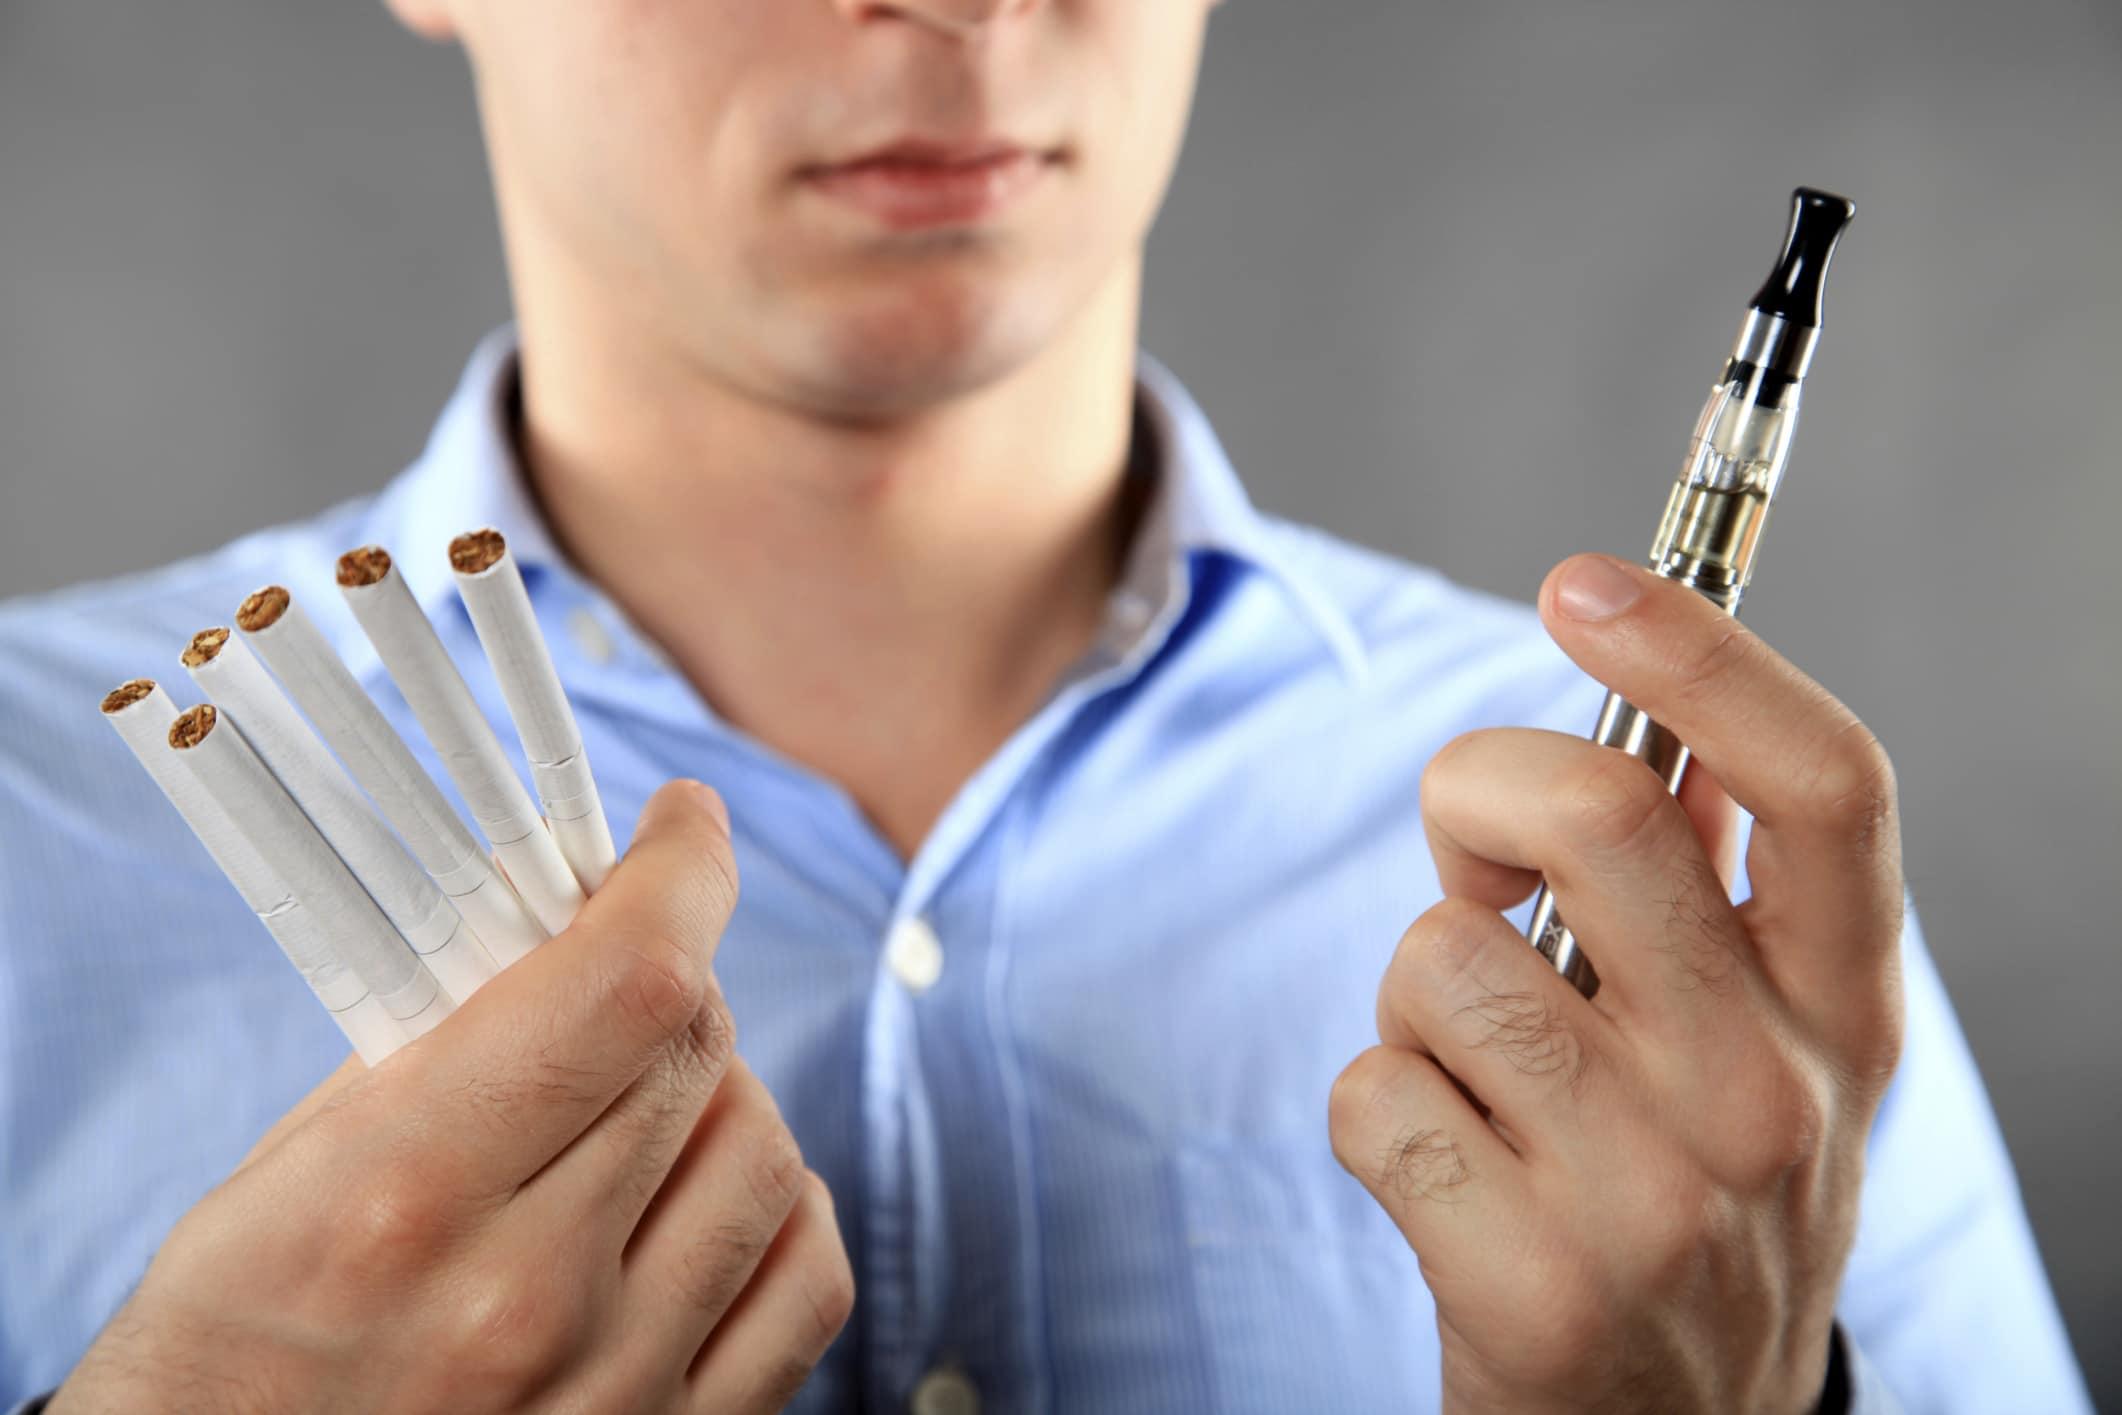 La cigarette électronique est moins nocive que la classique